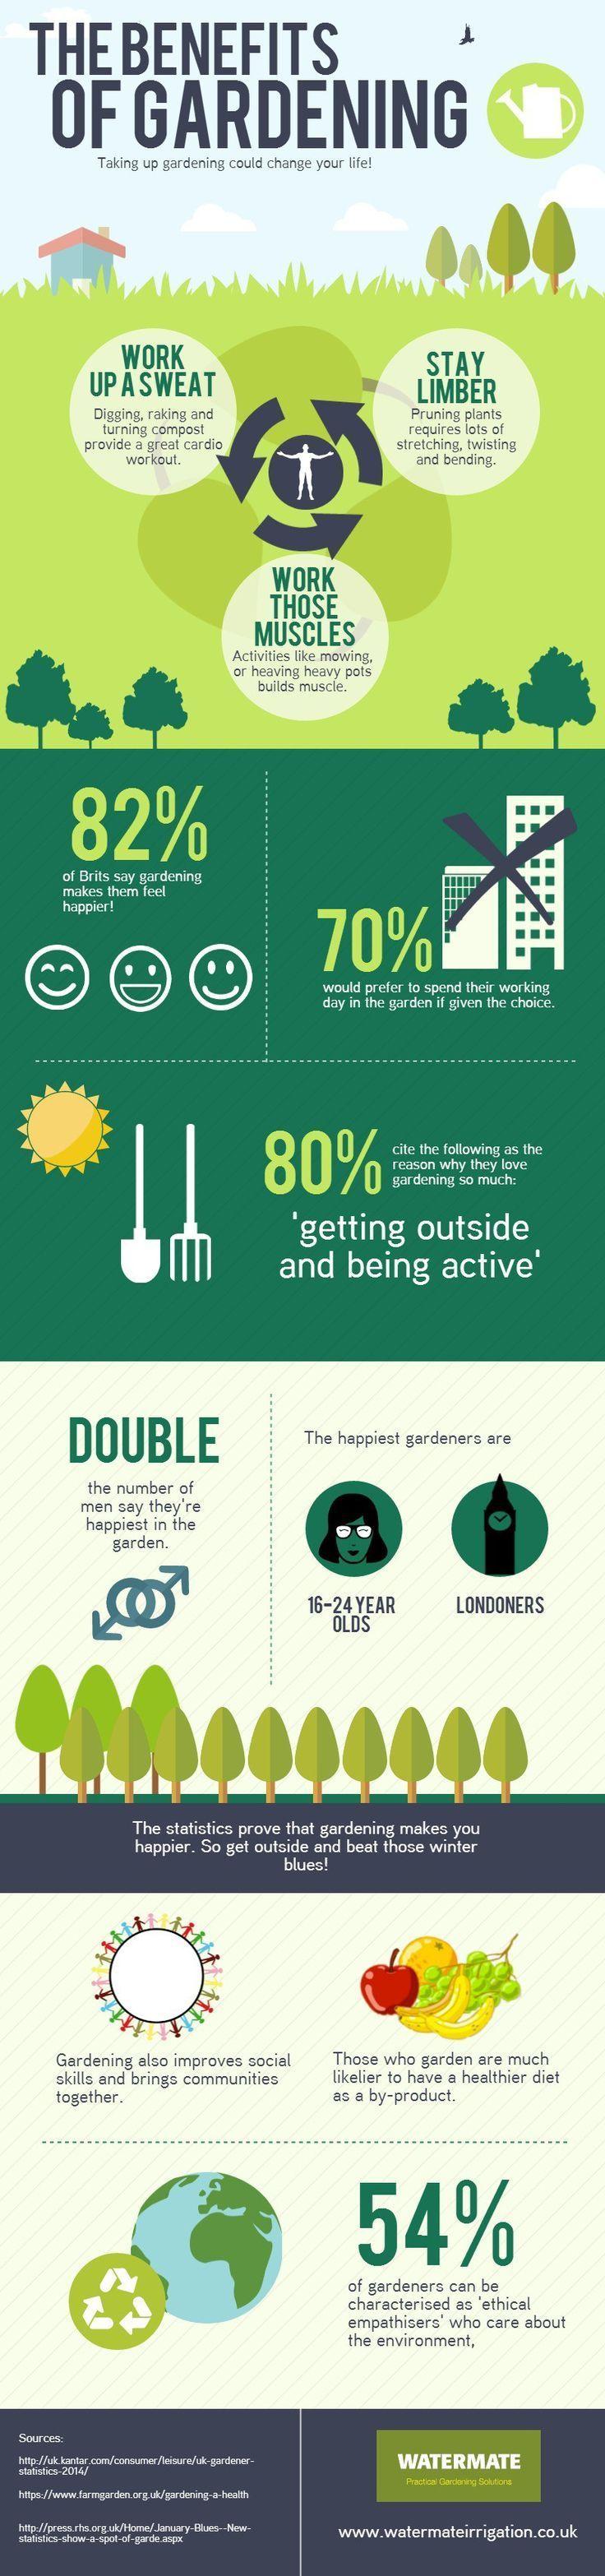 9 Tipps für den Wintergarten | Der Prepper-Leitfaden für die Gartenarbeit bei kaltem Wetter  – blog